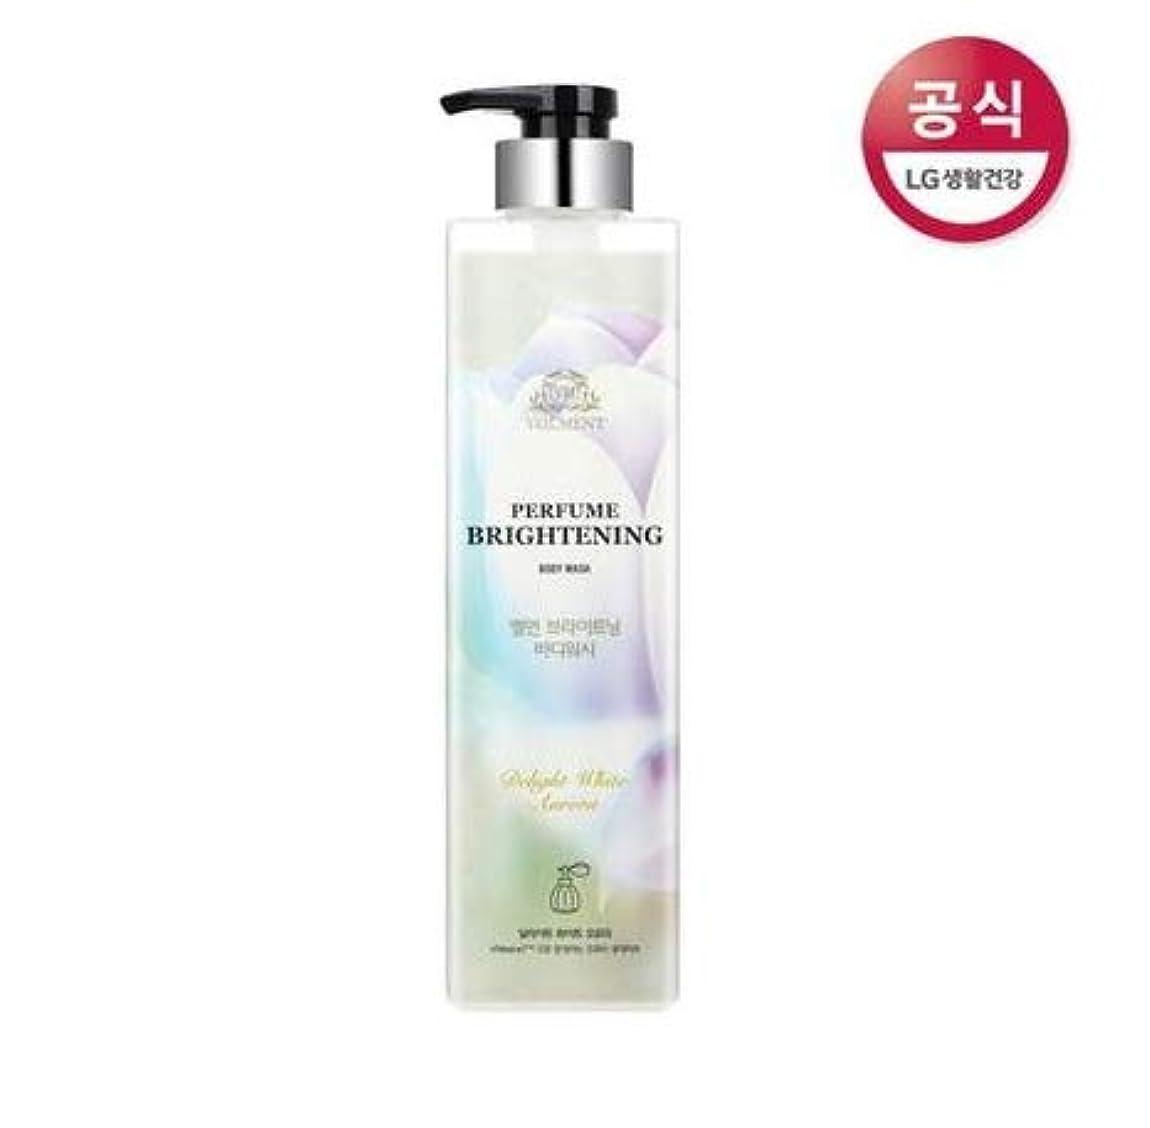 下に恥ずかしいスティーブンソン[LG HnB] On the Body Belman Perfume Brightening Body Wash / オンザボディベルモンパフュームブライトニングボディウォッシュ680mlx1個(海外直送品)